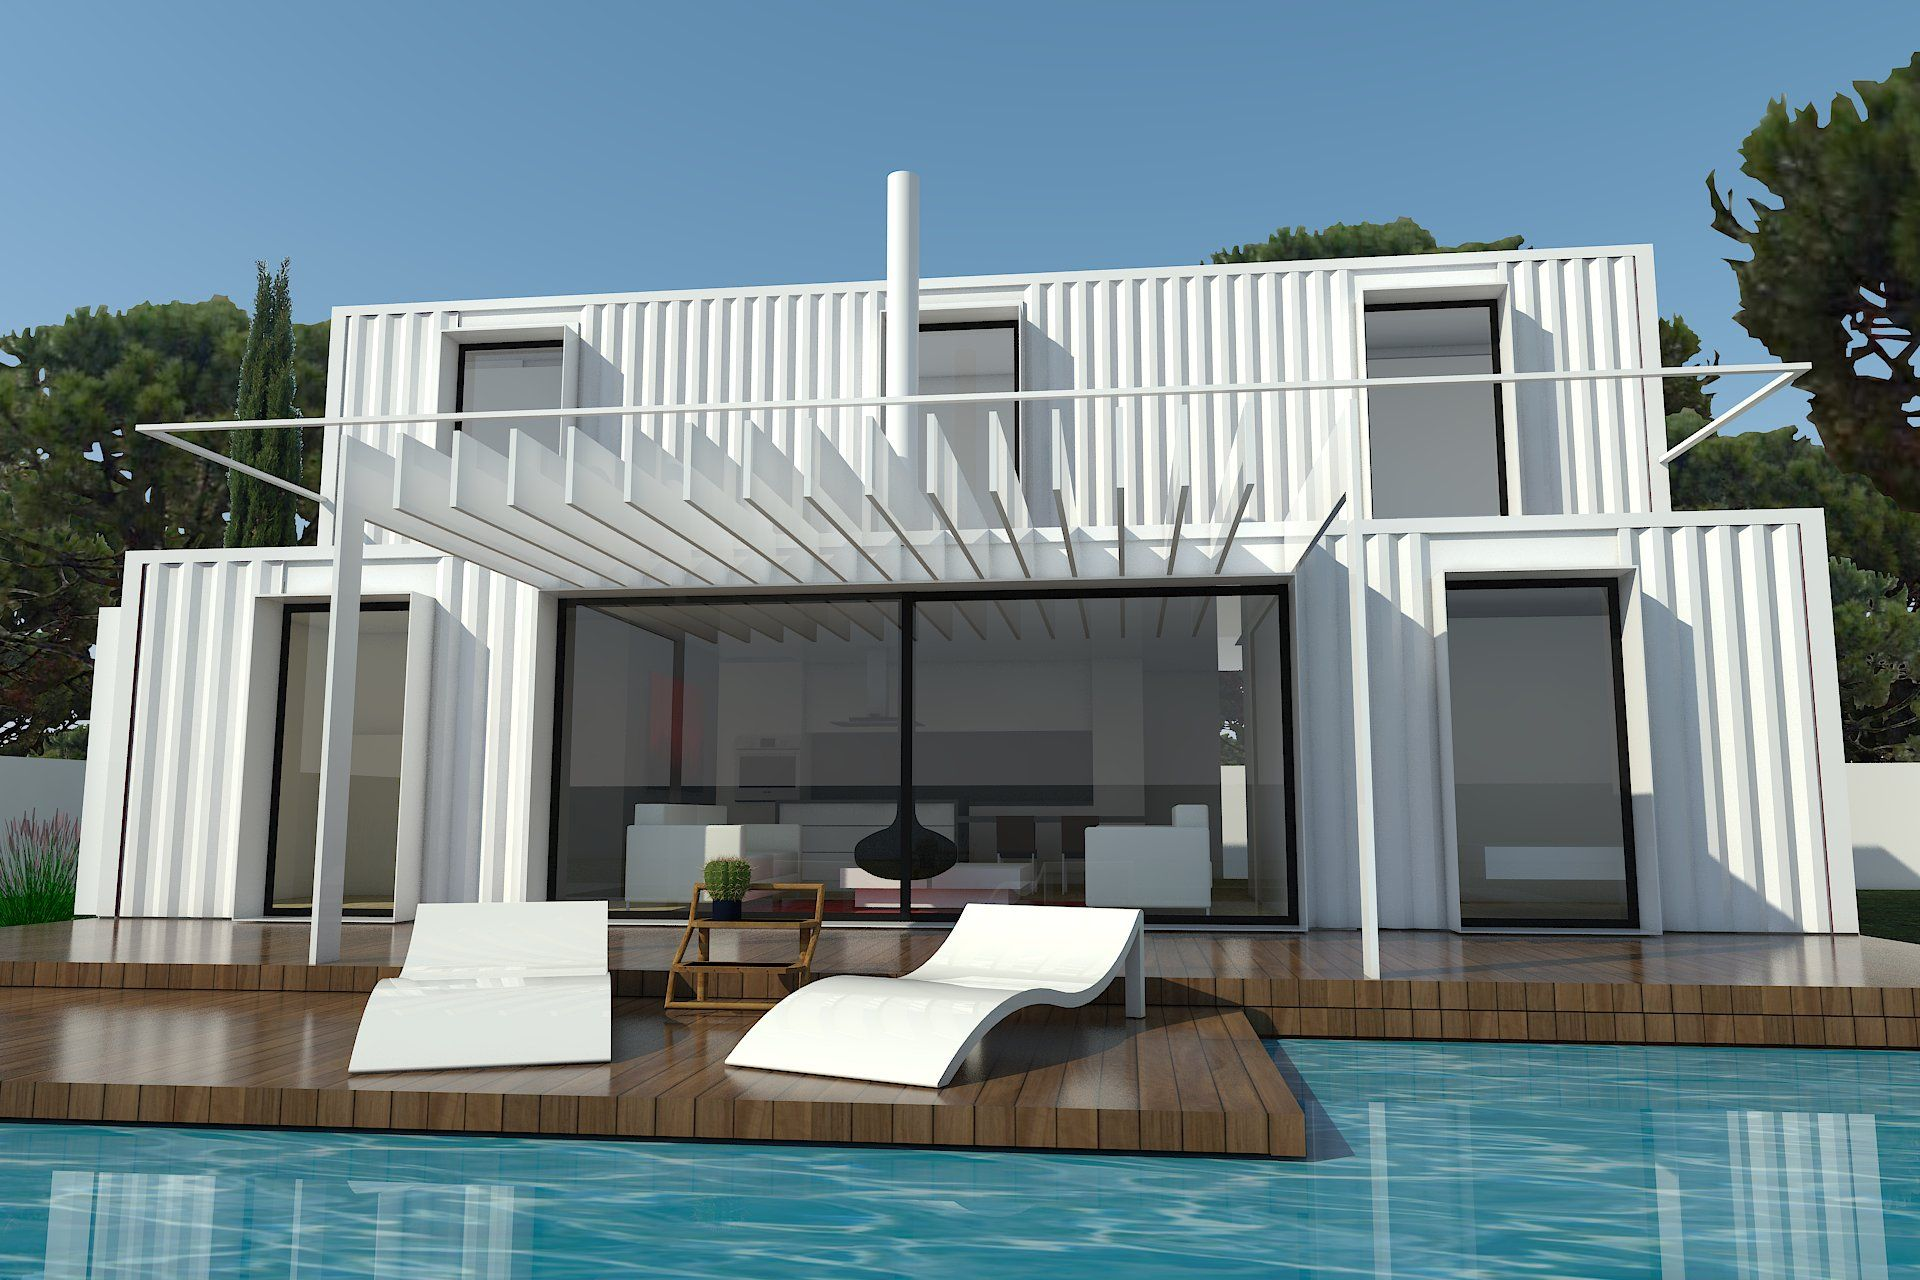 H kub casas prefabricadas en contenedores mar timos mi negocio pinterest casas casas - Como hacer una casa con contenedores maritimos ...